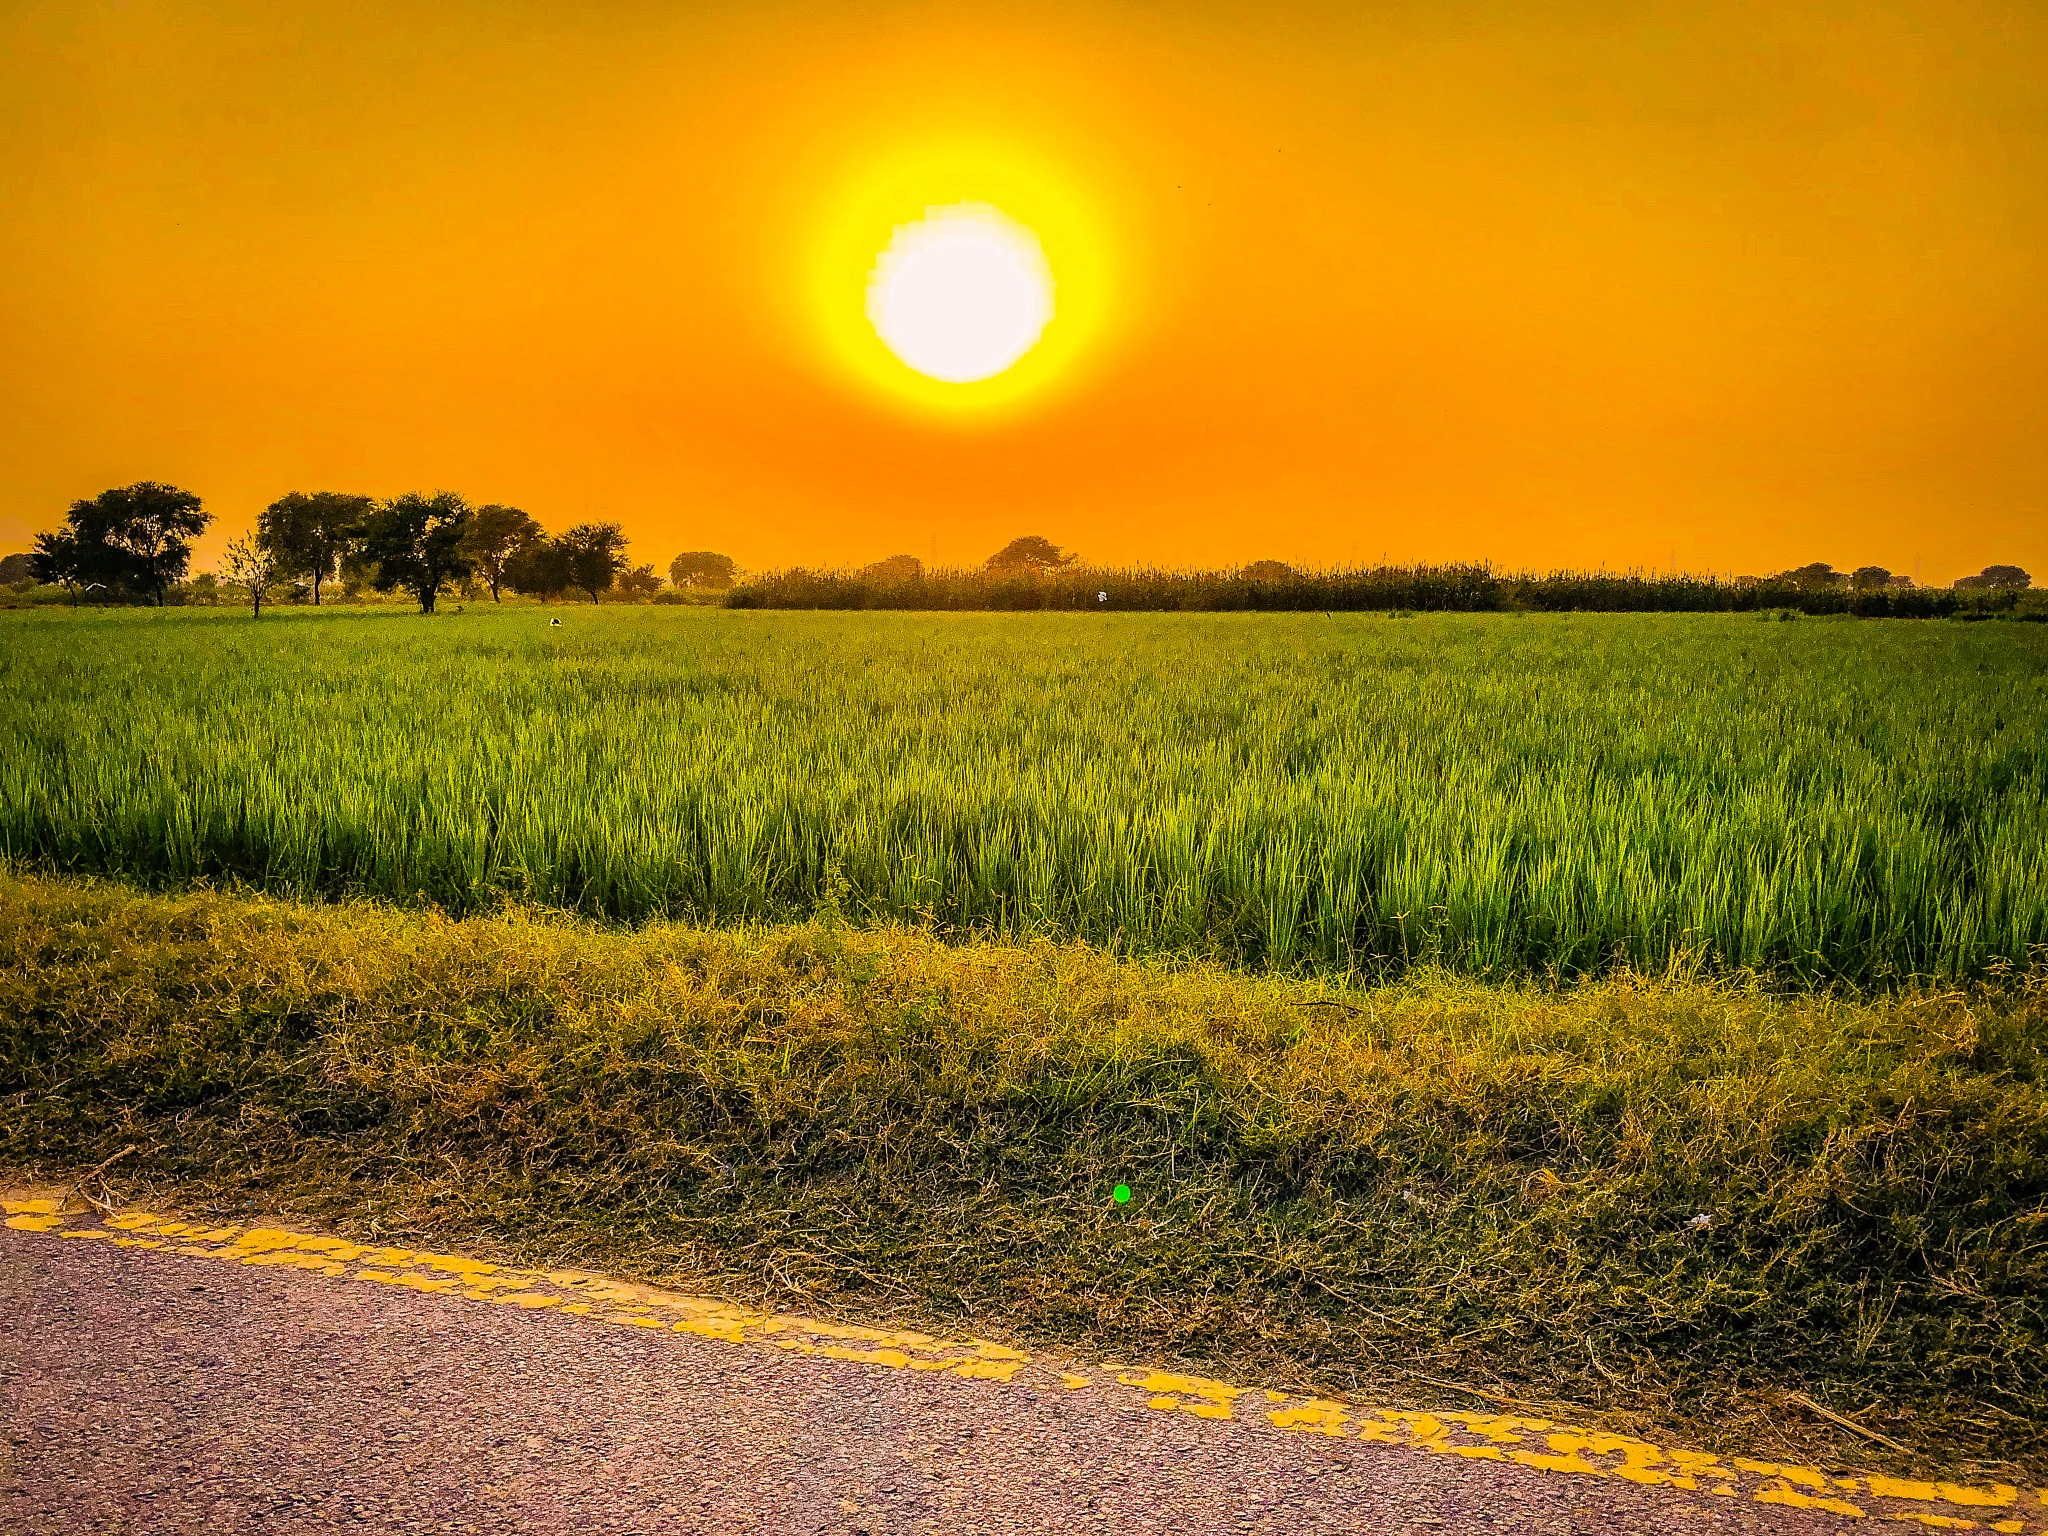 #sunset by qaiserch26